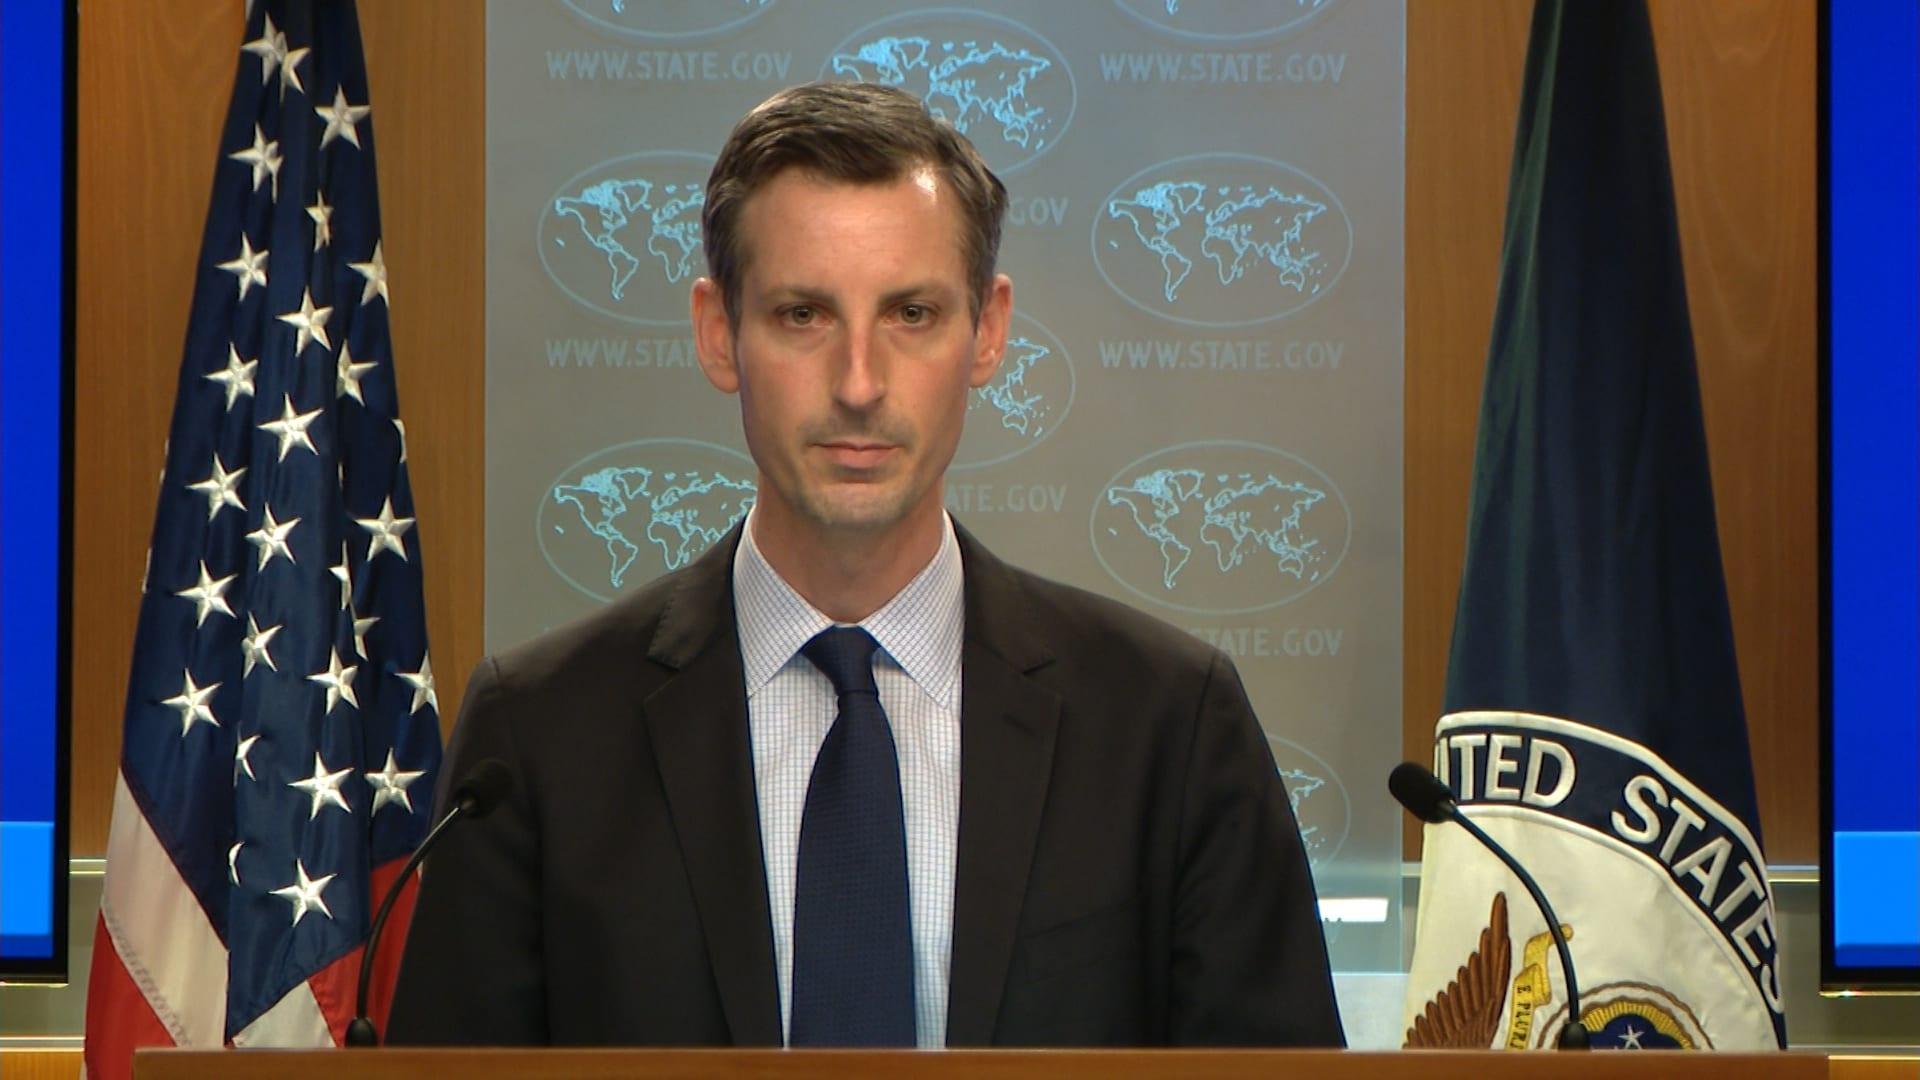 المتحدث باسم وزارة الخارجية نيد برايس